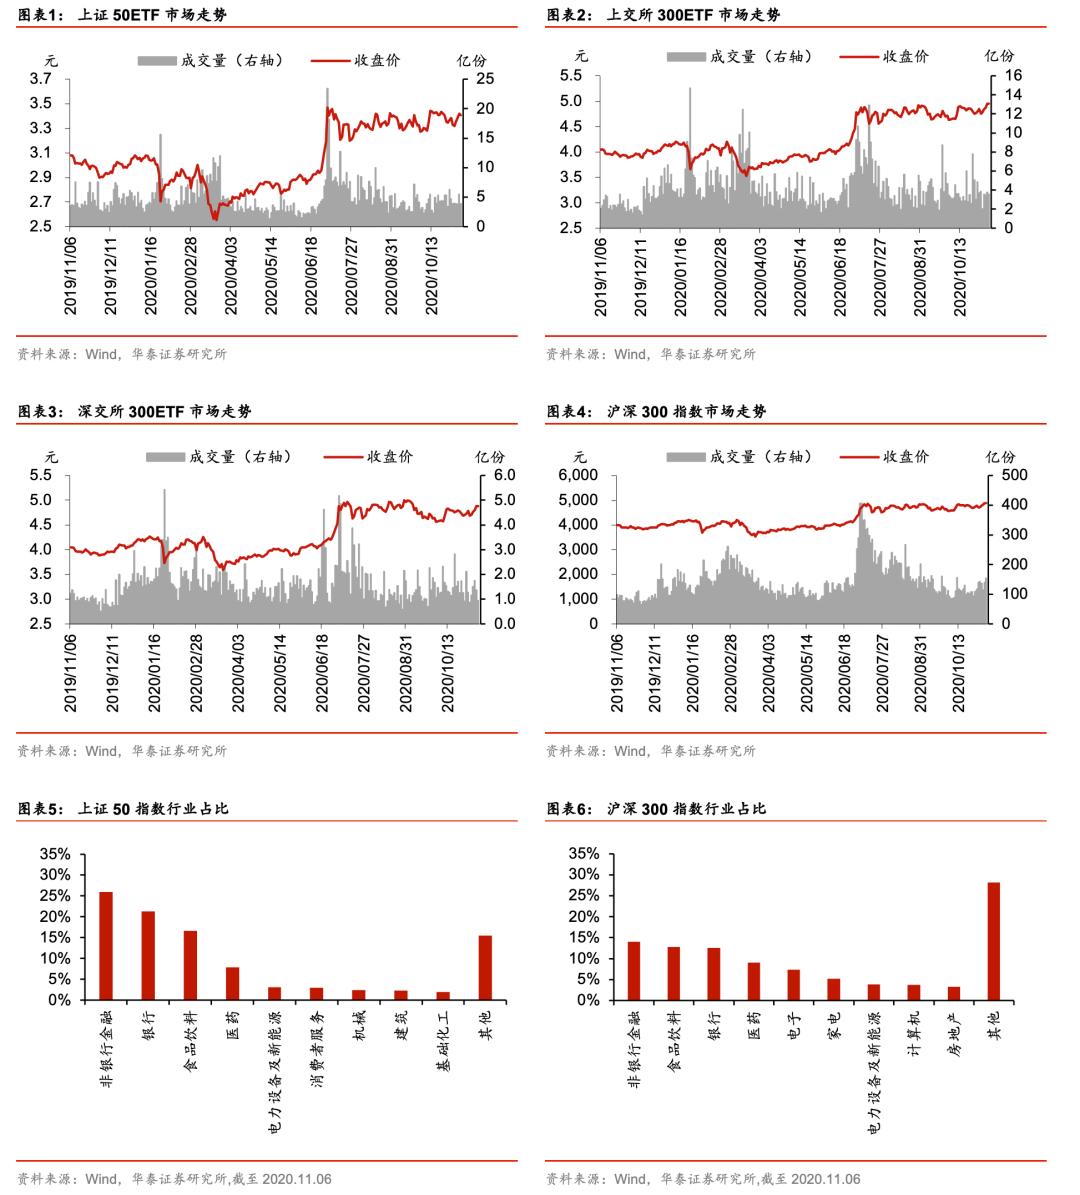 【华泰金工林晓明团队】上周标的上涨,波动率处于低位——期权期货周报20201109